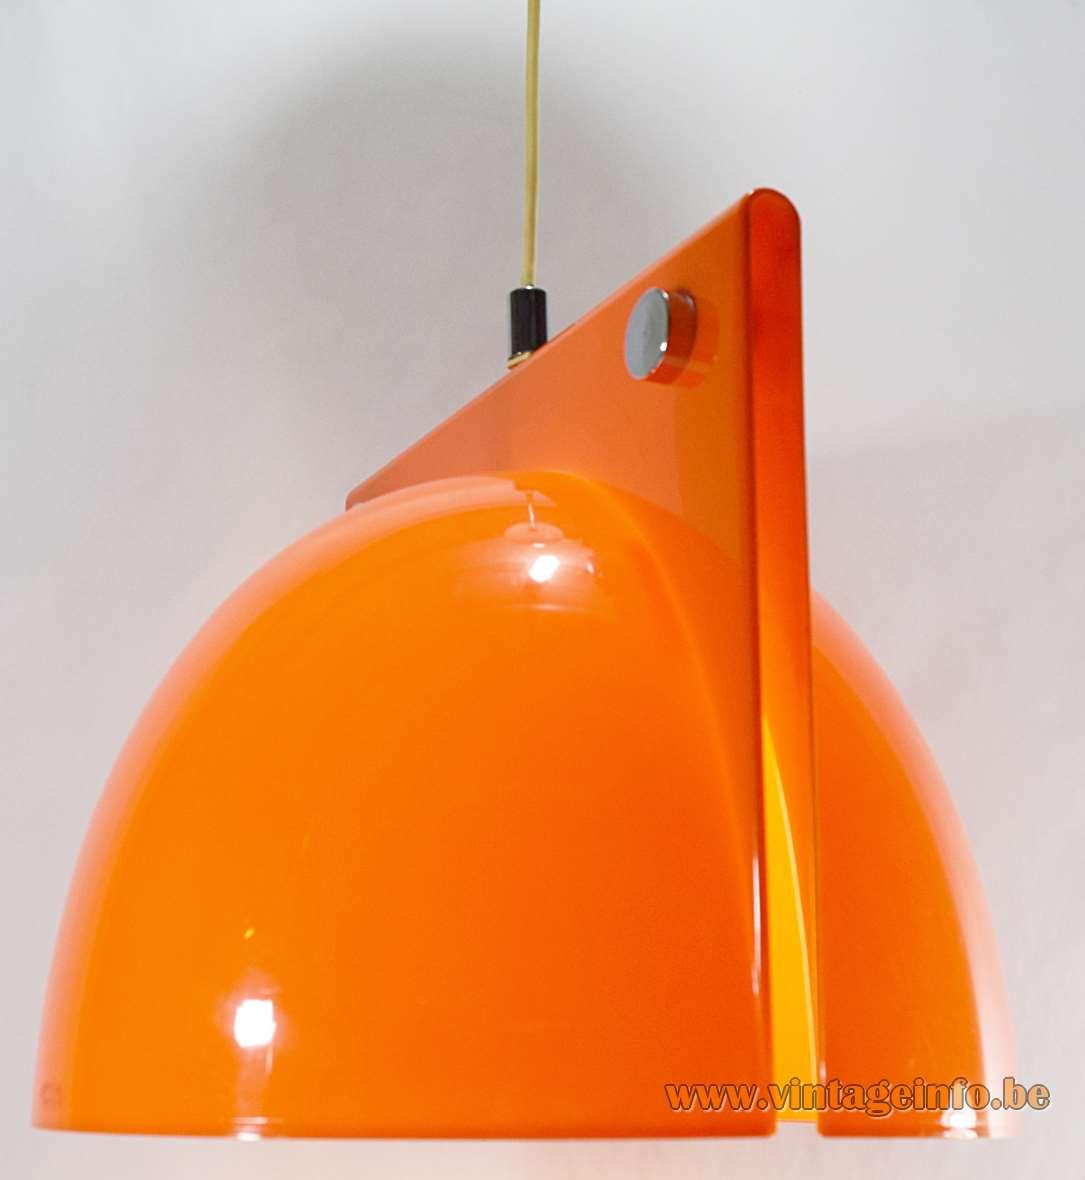 Harvey Guzzini Orione Pendant Lamp acrylic design Ermanno Lampa Sergio Brazzoli 1967 1970s 1960s iGuzzini